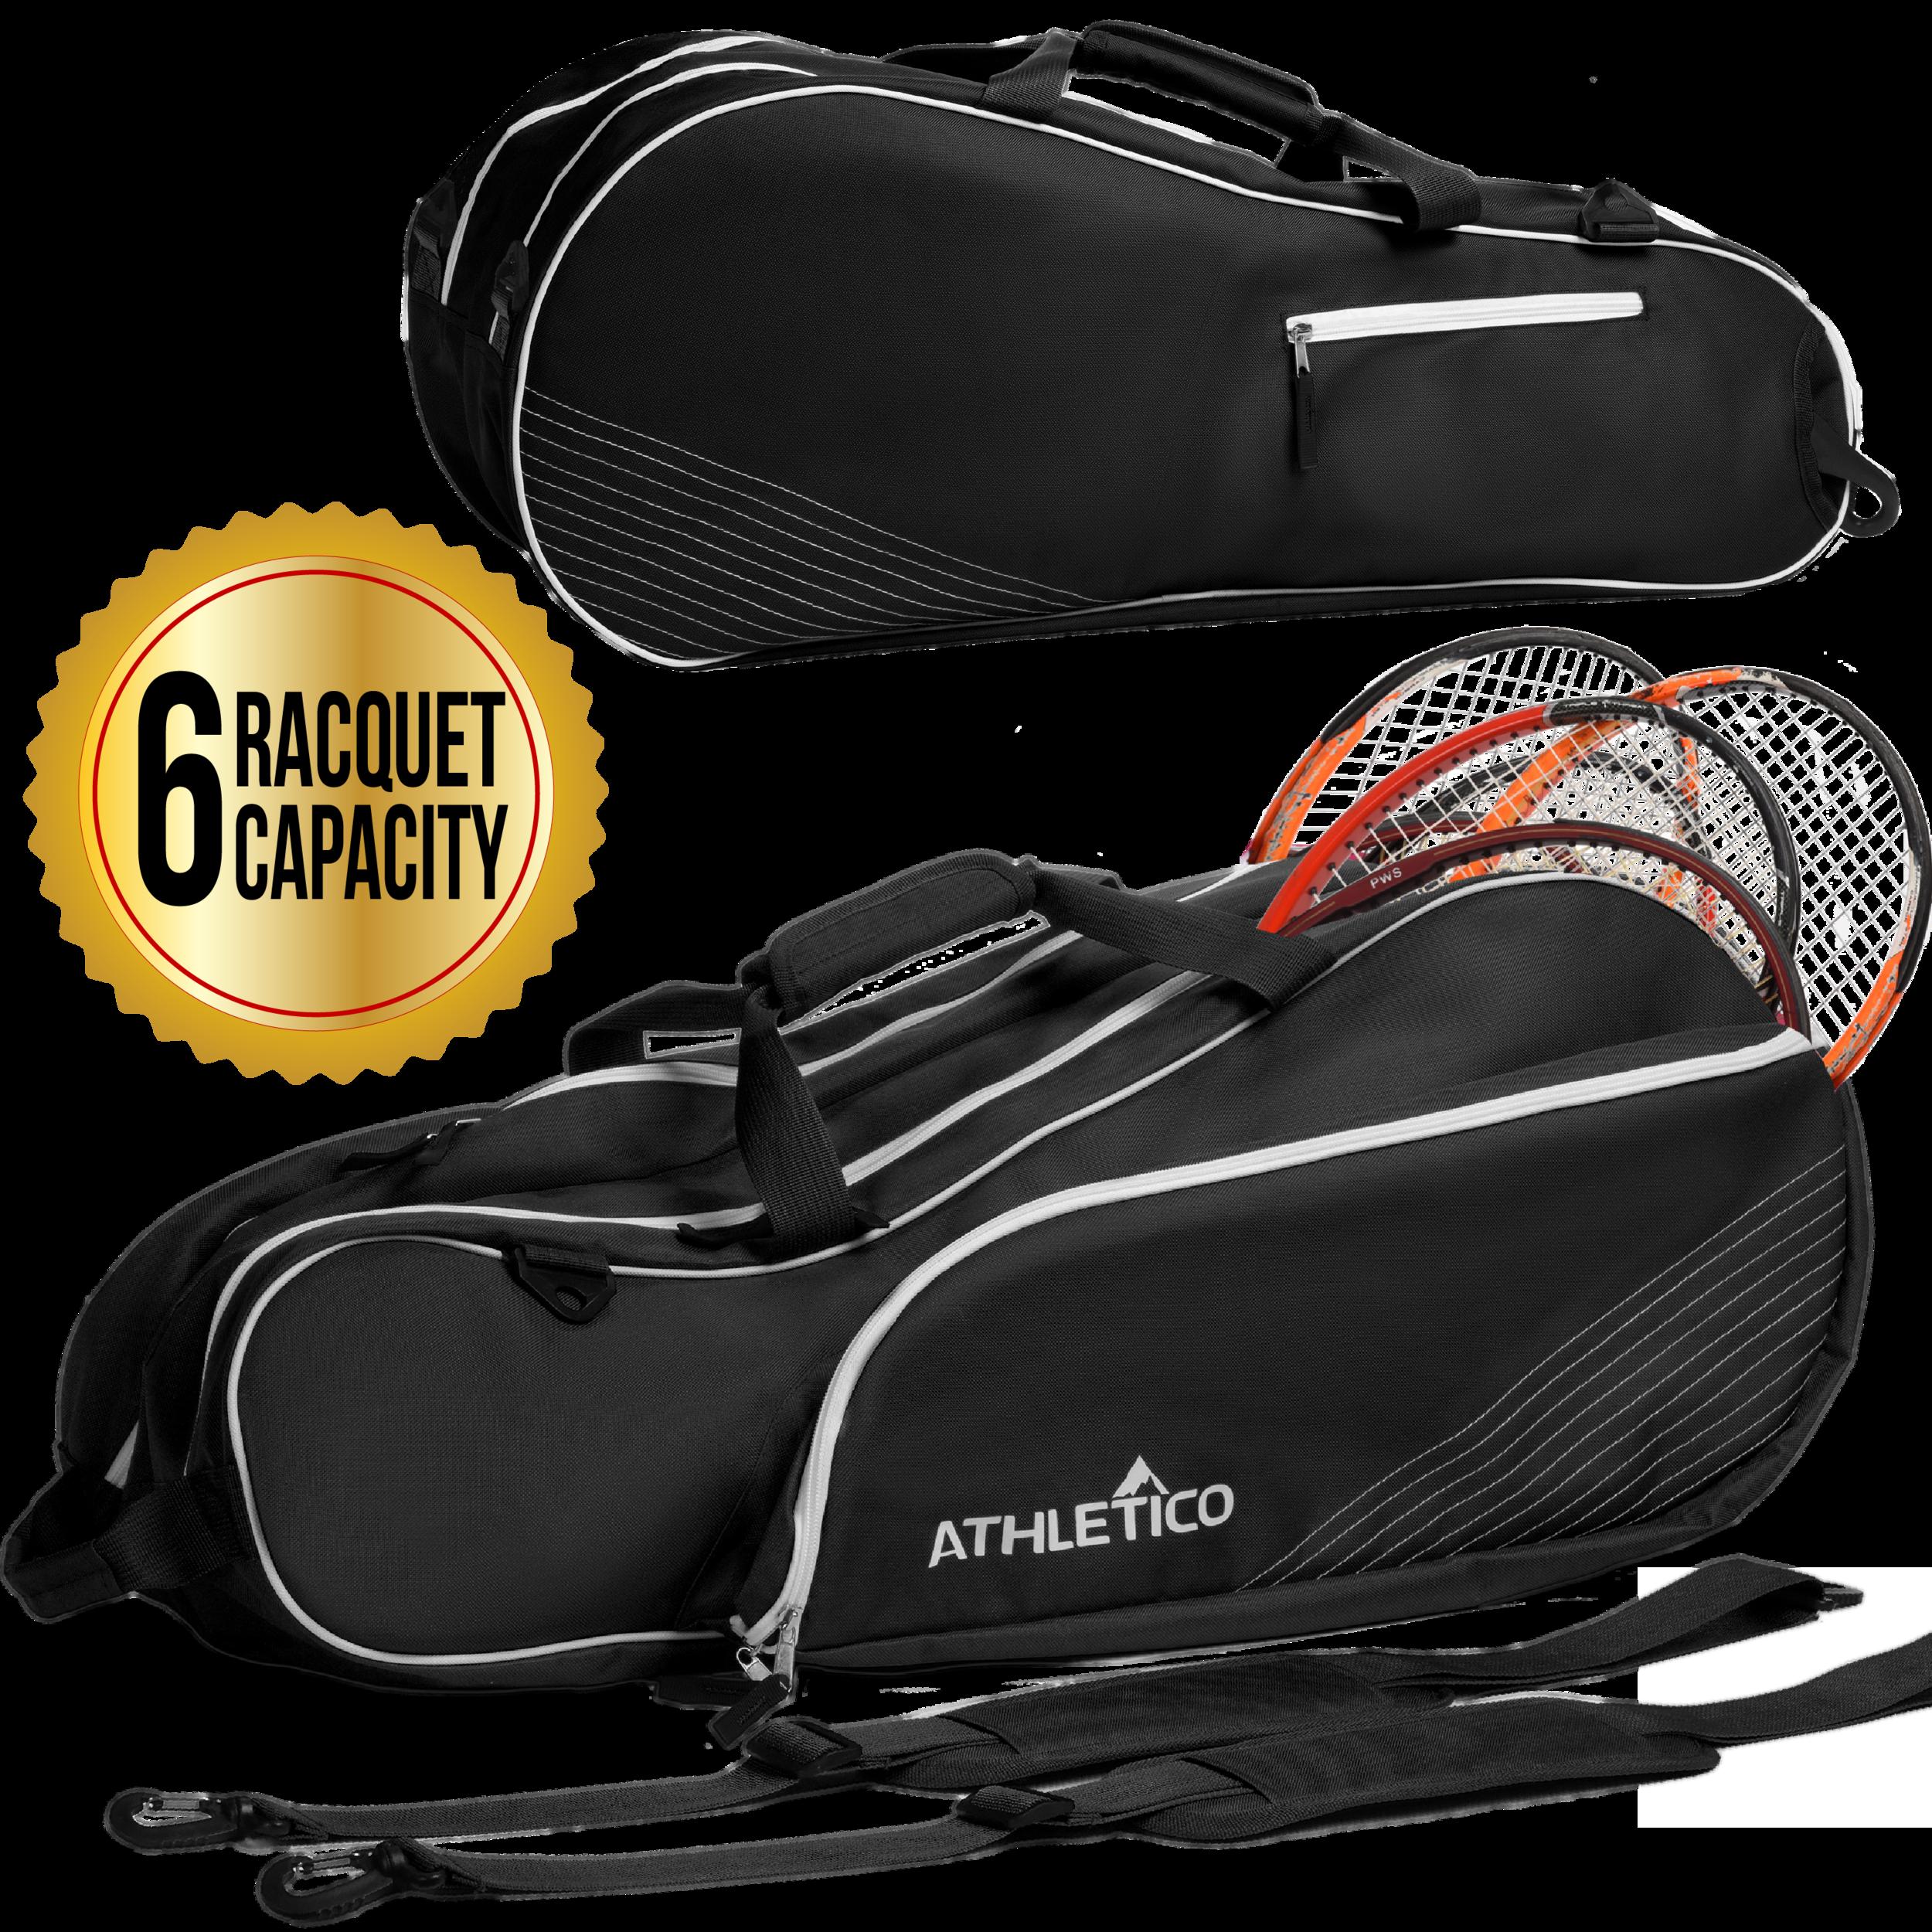 6-Racquet - Tennis Bag